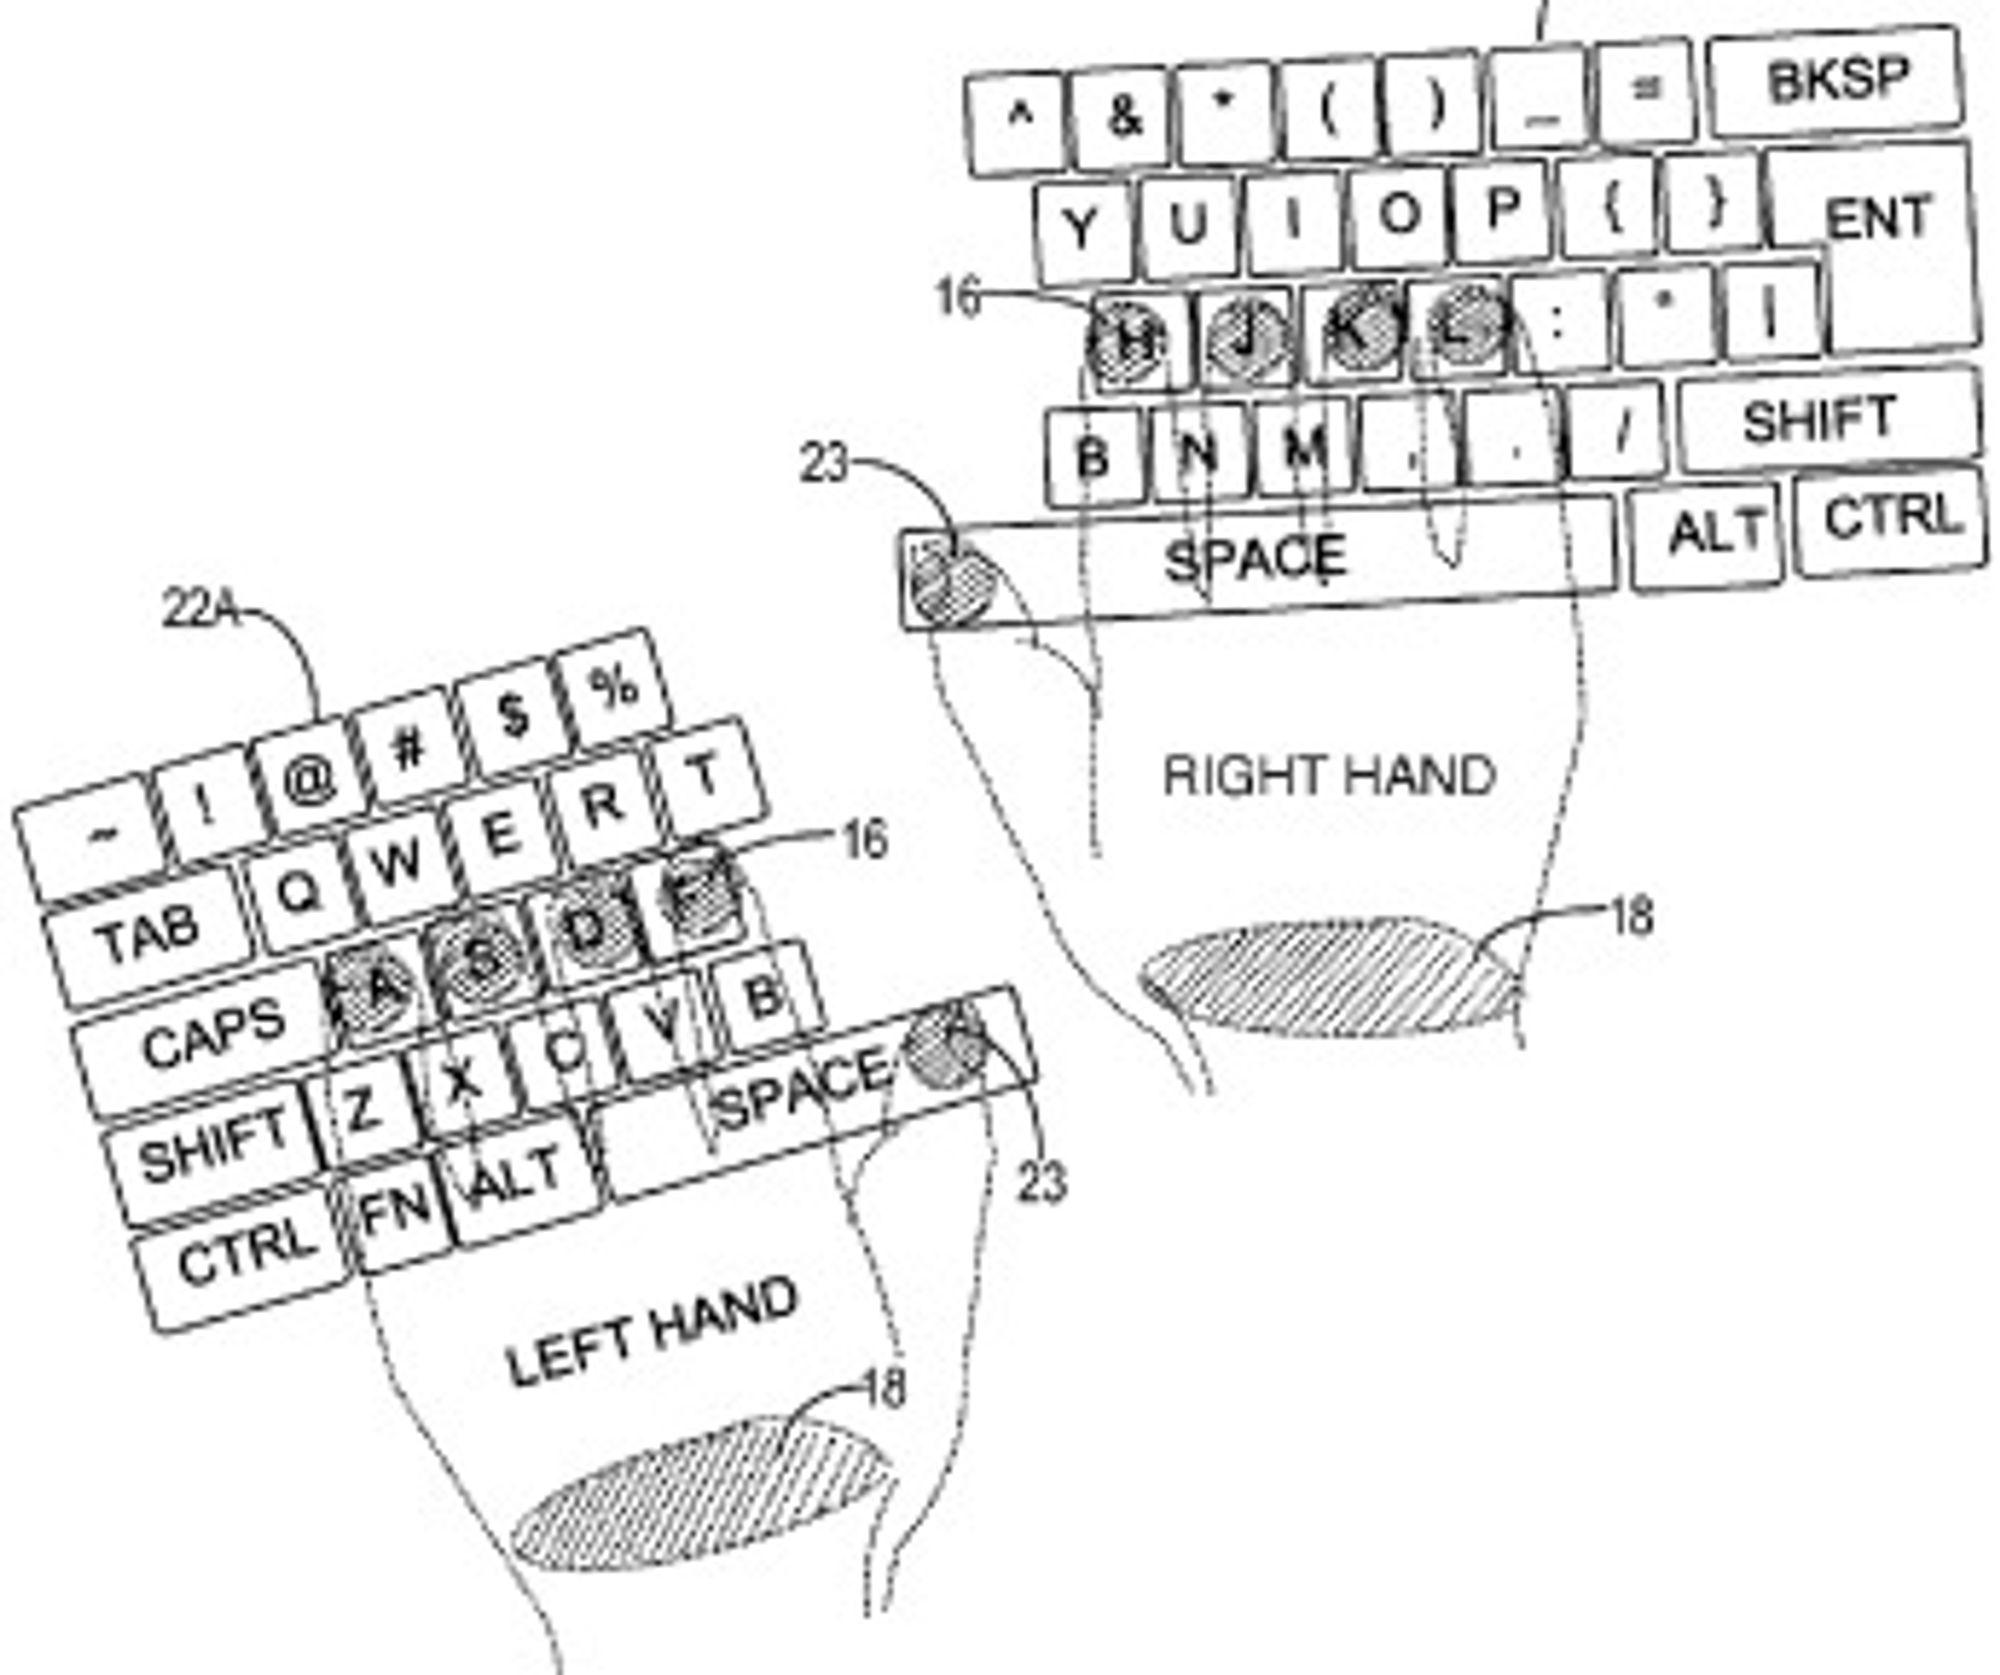 Tastaturet kan deles i to, avhengig av hvor brukeren plasserer venstre og høyre hånd. Ergonomisk sett kan dette være en fordel.